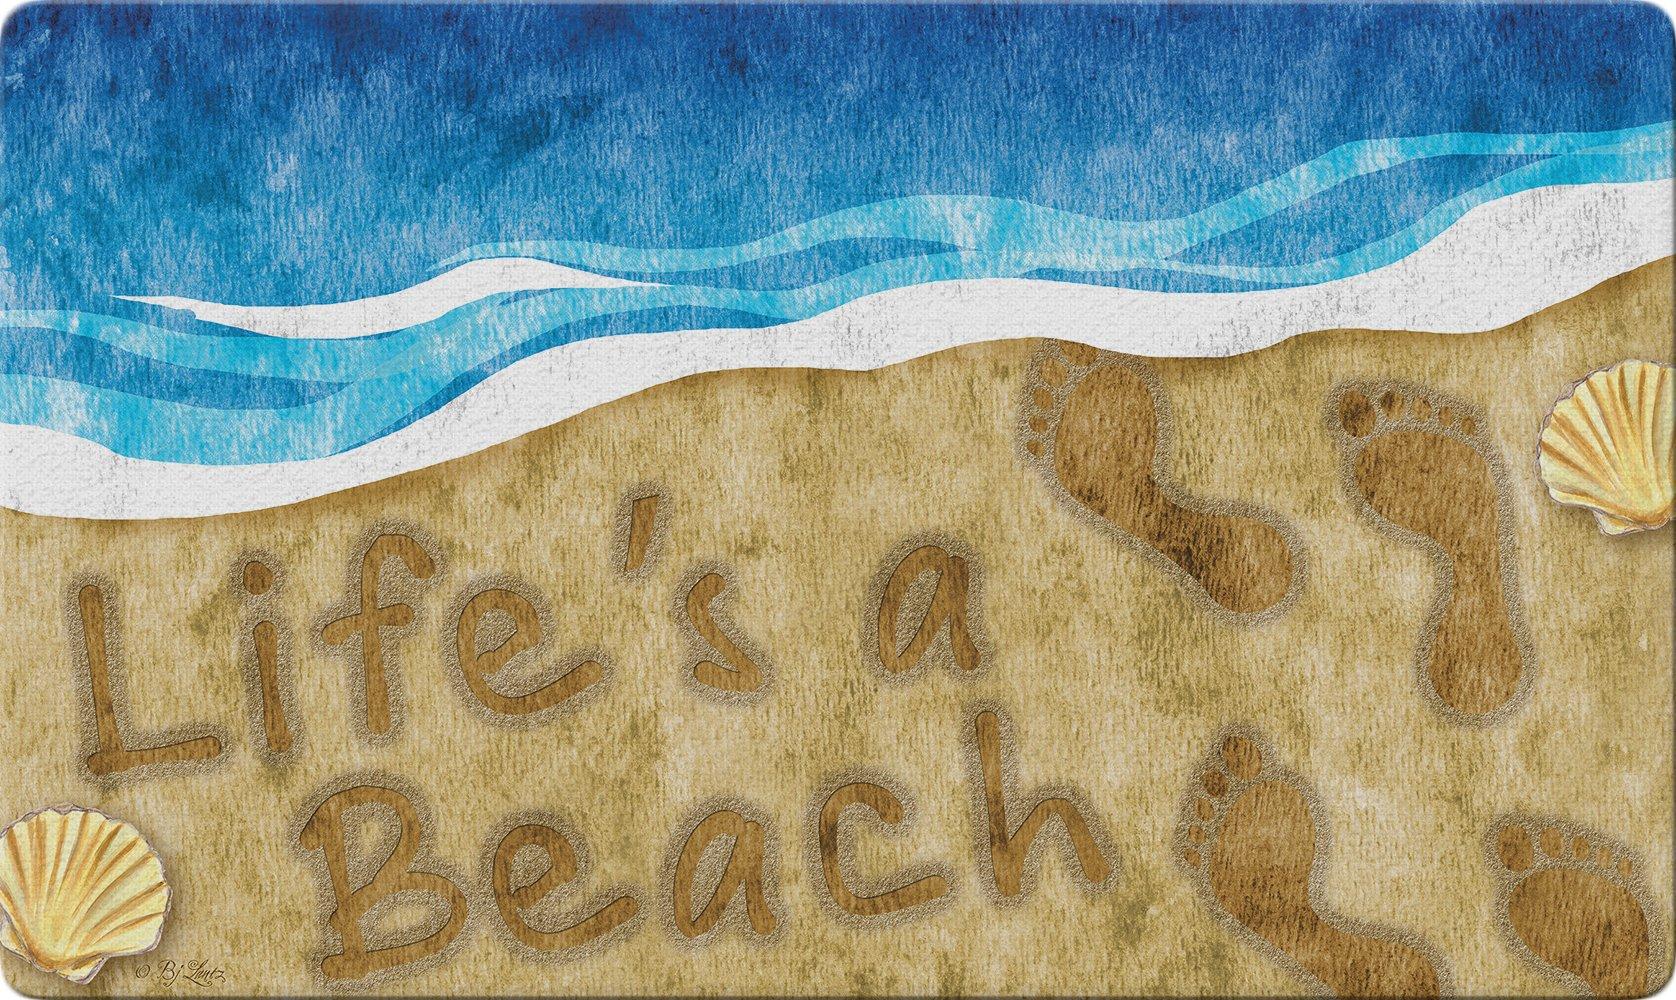 Toland Home Garden 800444 Beachy Life Doormat, Multicolor